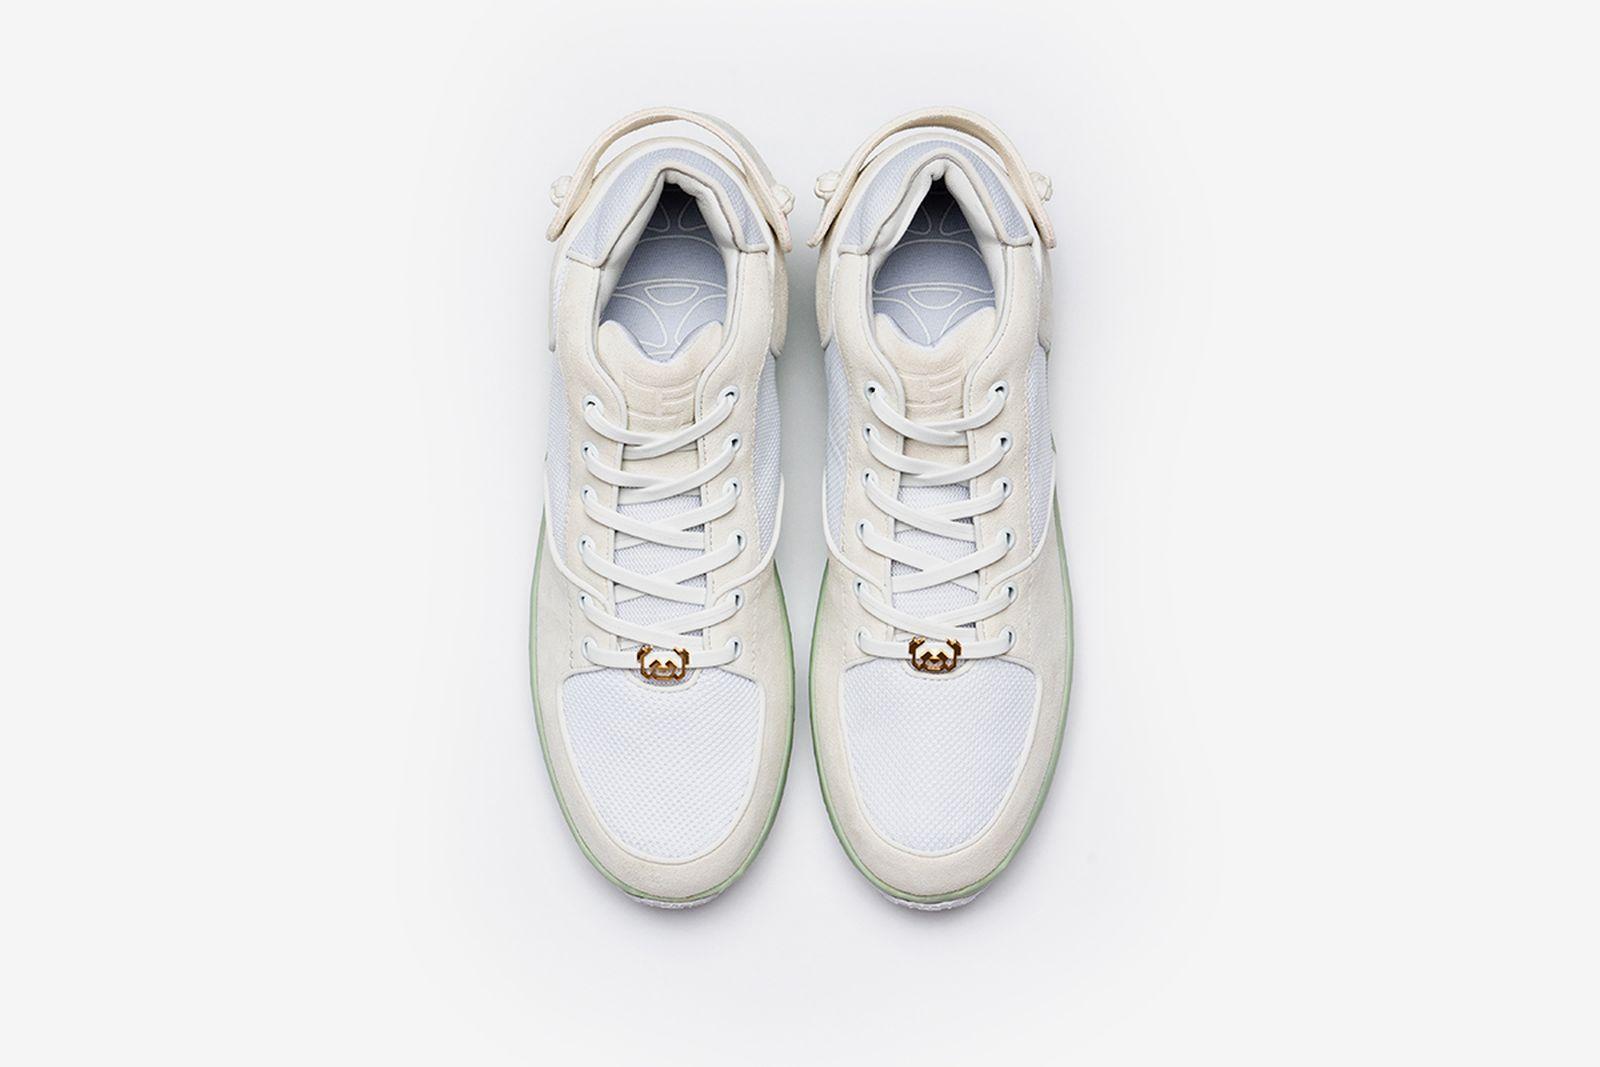 shang-zia-shuneaker-release-date-price-08